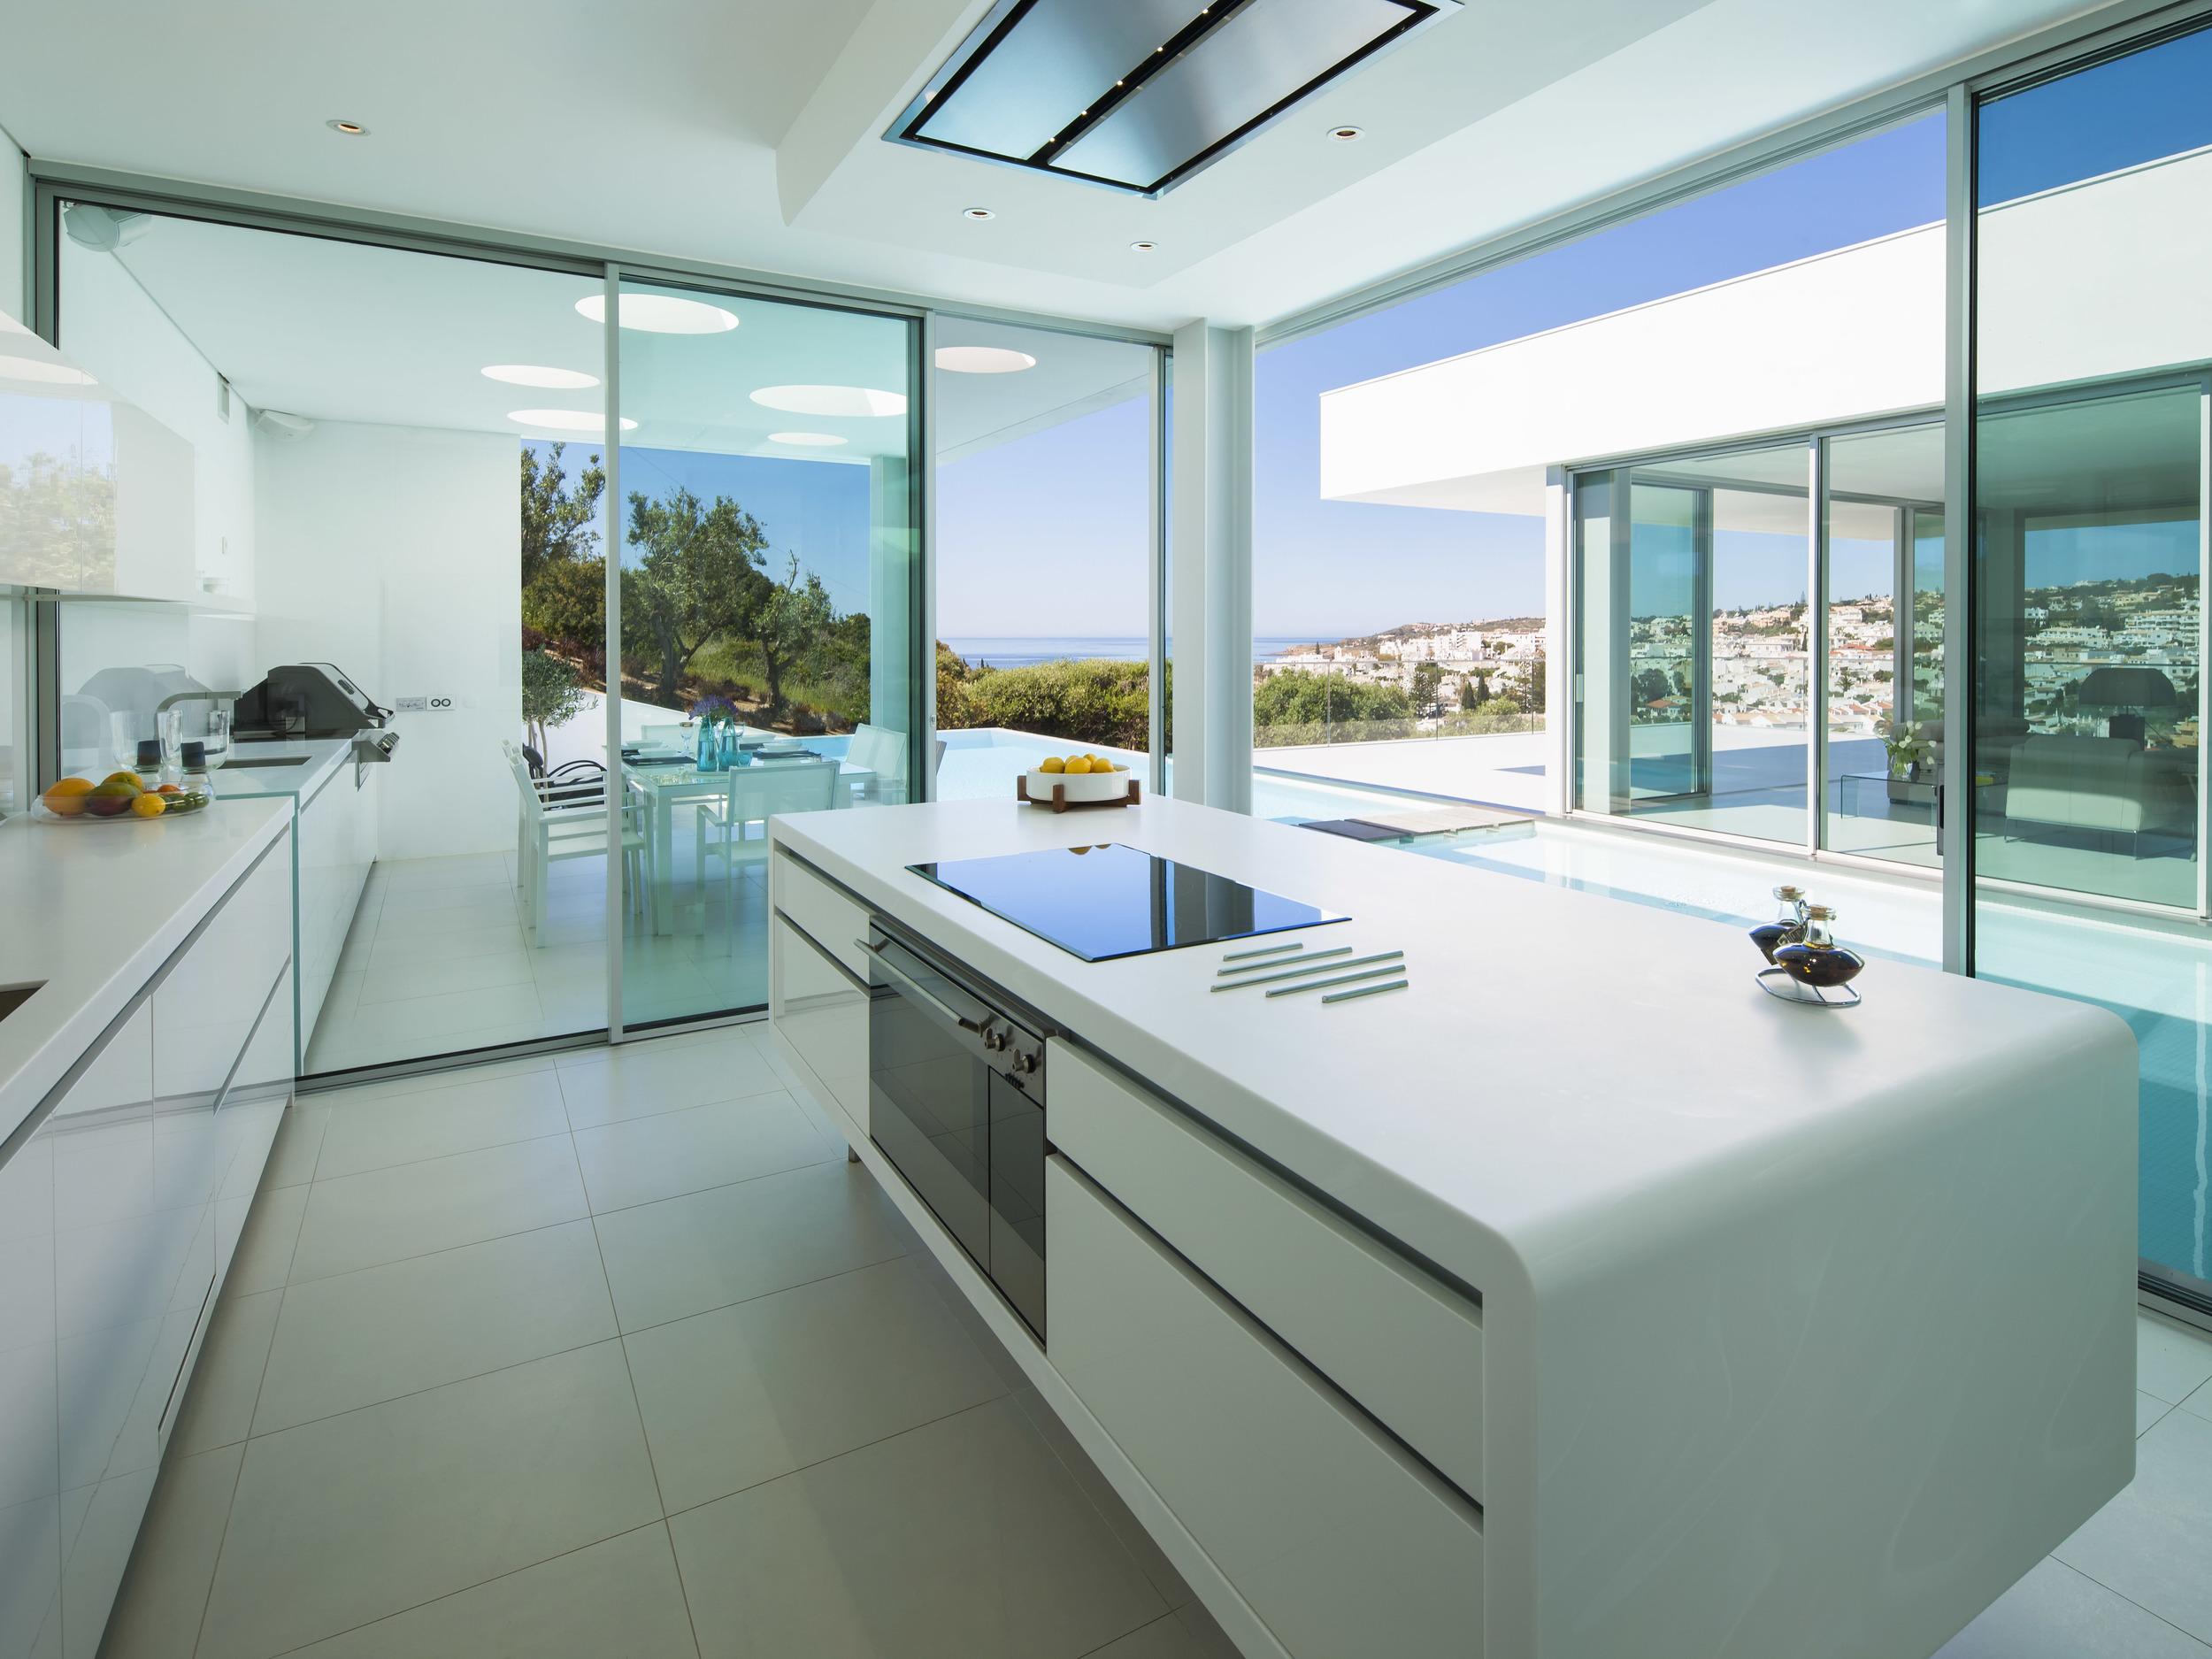 6 Kitchen - _OS13770.jpg